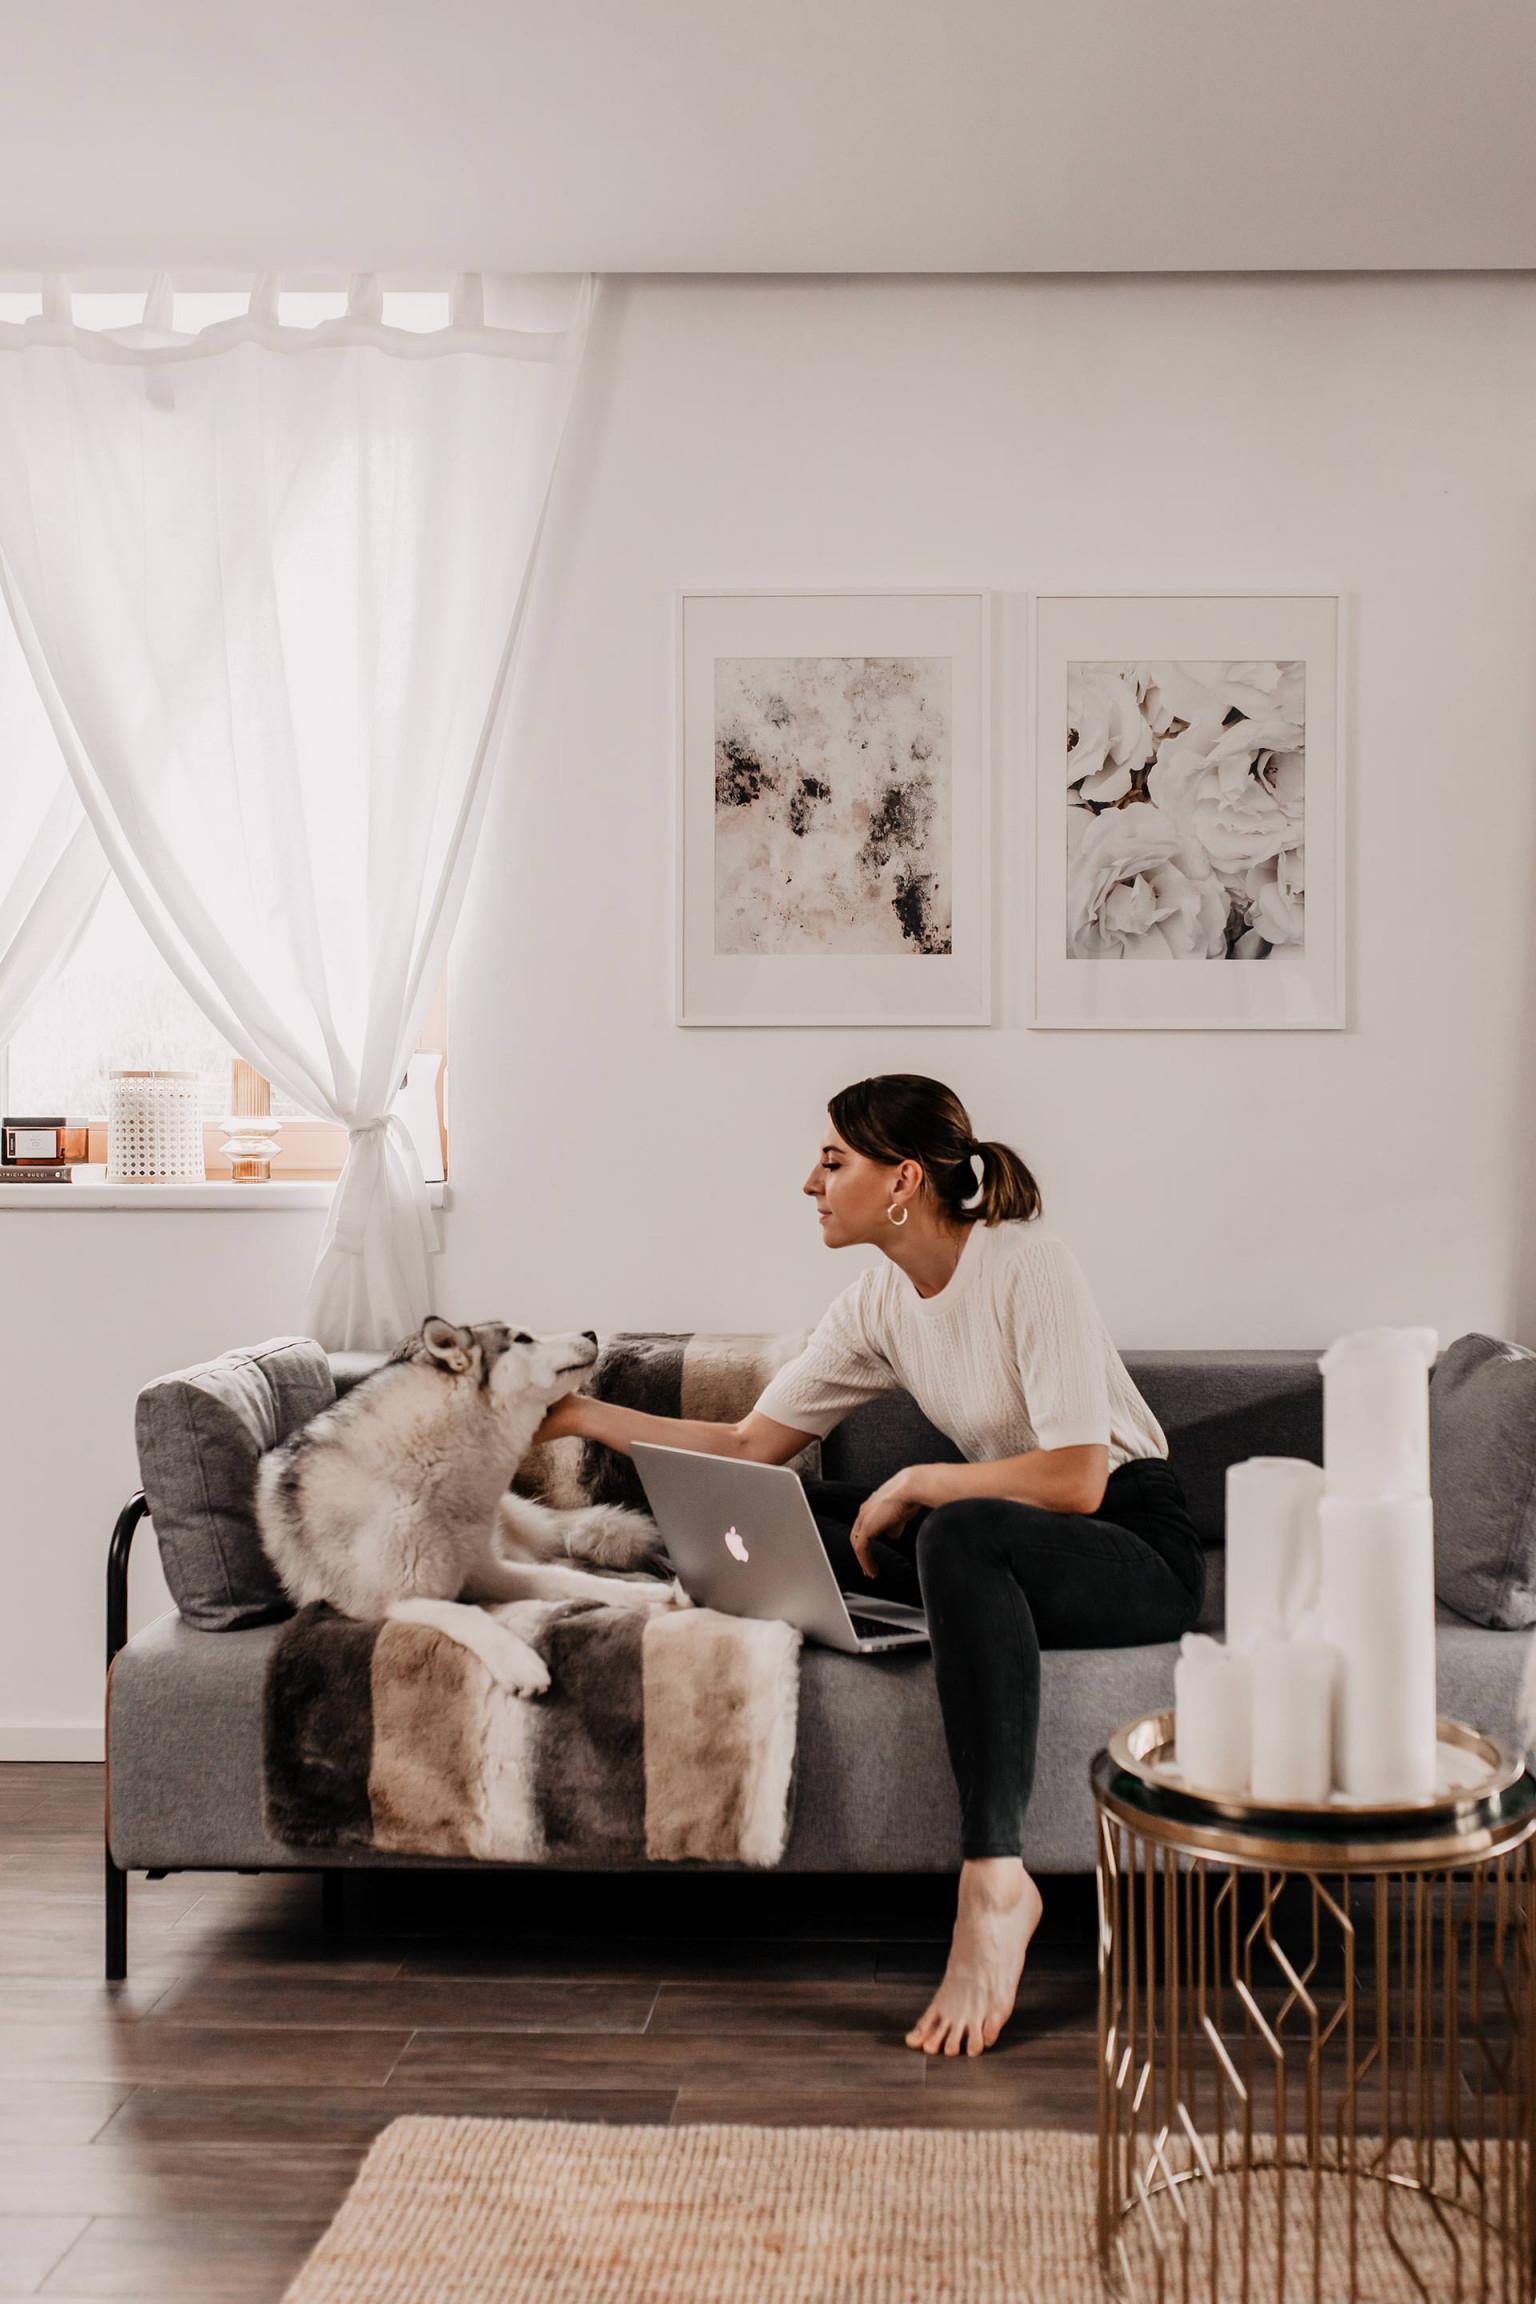 Wandgestaltung Mit Bildern Meine Ideen Für Küche Und von Wohnzimmer Ideen Bilder Bild